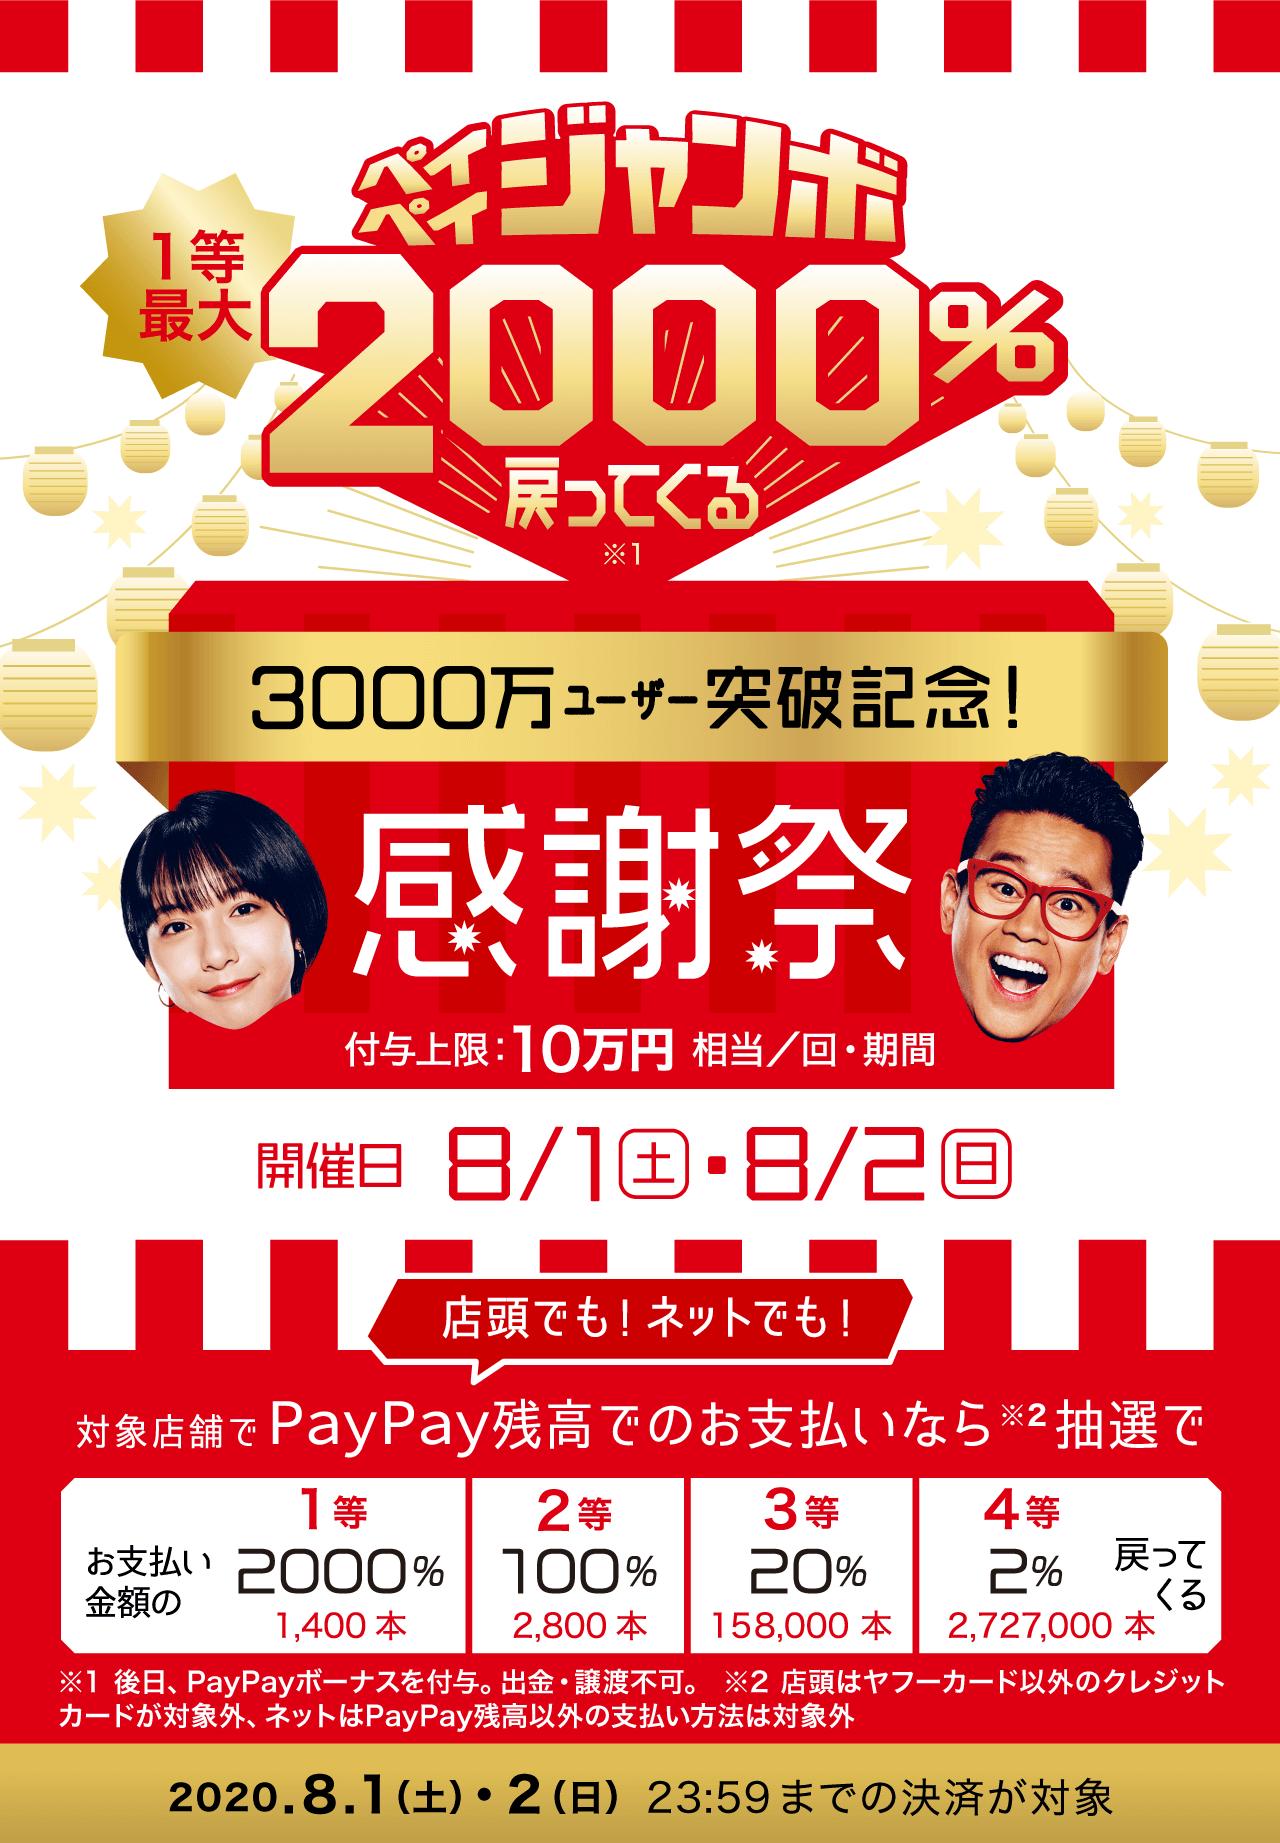 PayPayでペイペイジャンボで最大2000%バック。今回はYahoo!ショッピングなども対象。8/1~8/2。